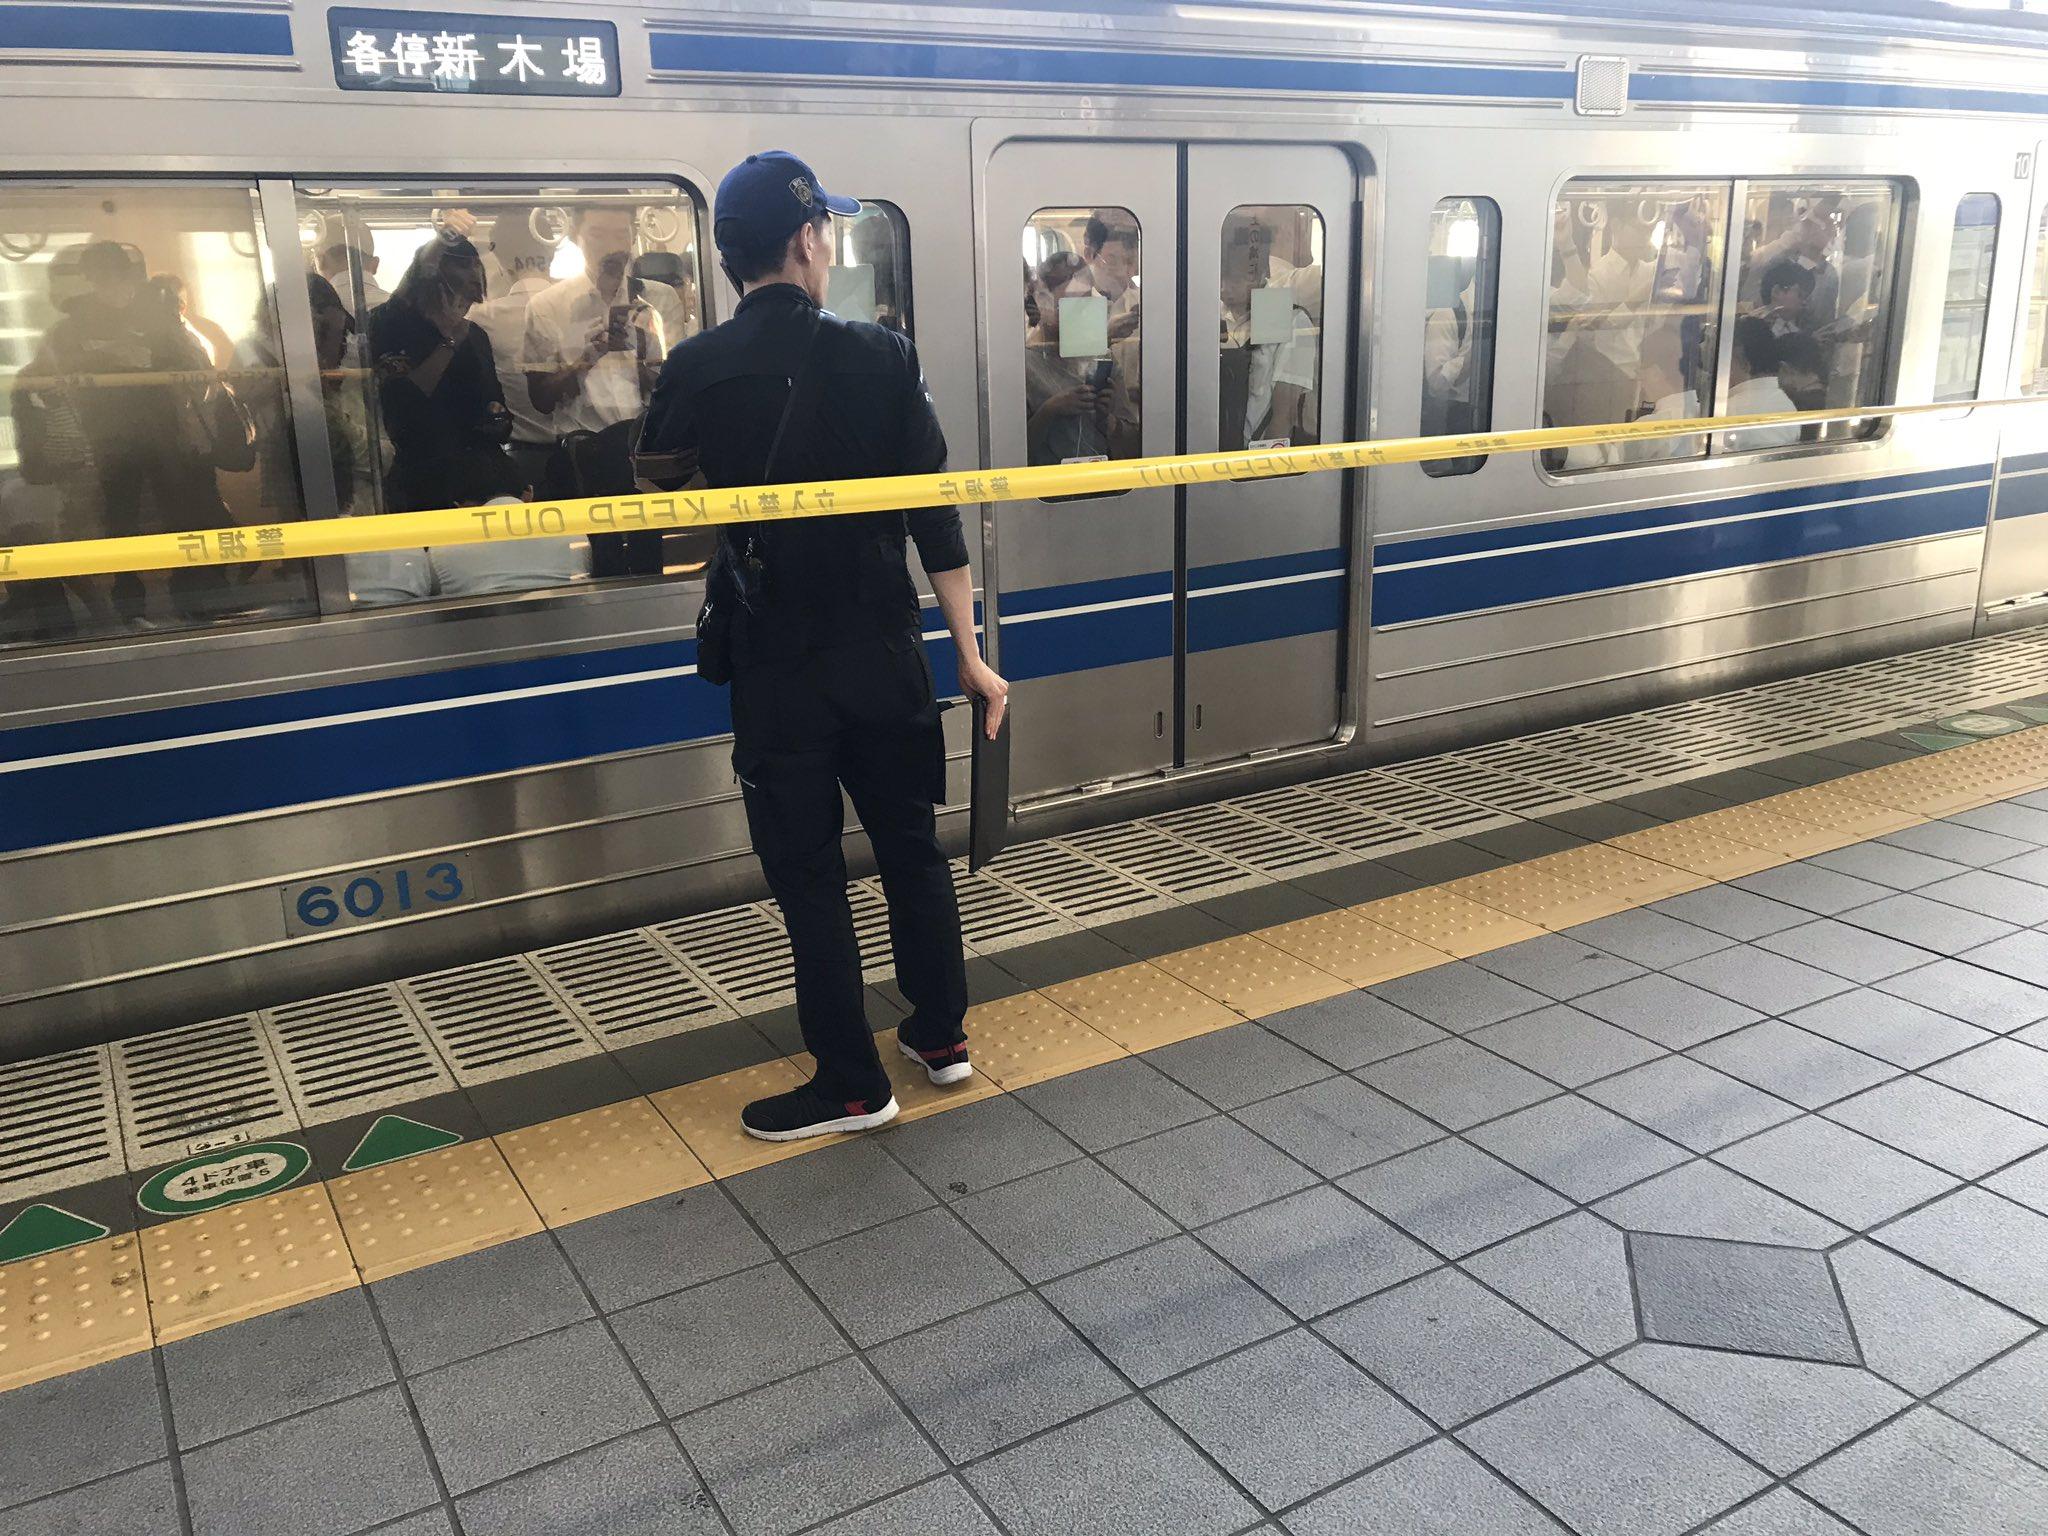 練馬駅の人身事故で警察官が現場検証している画像